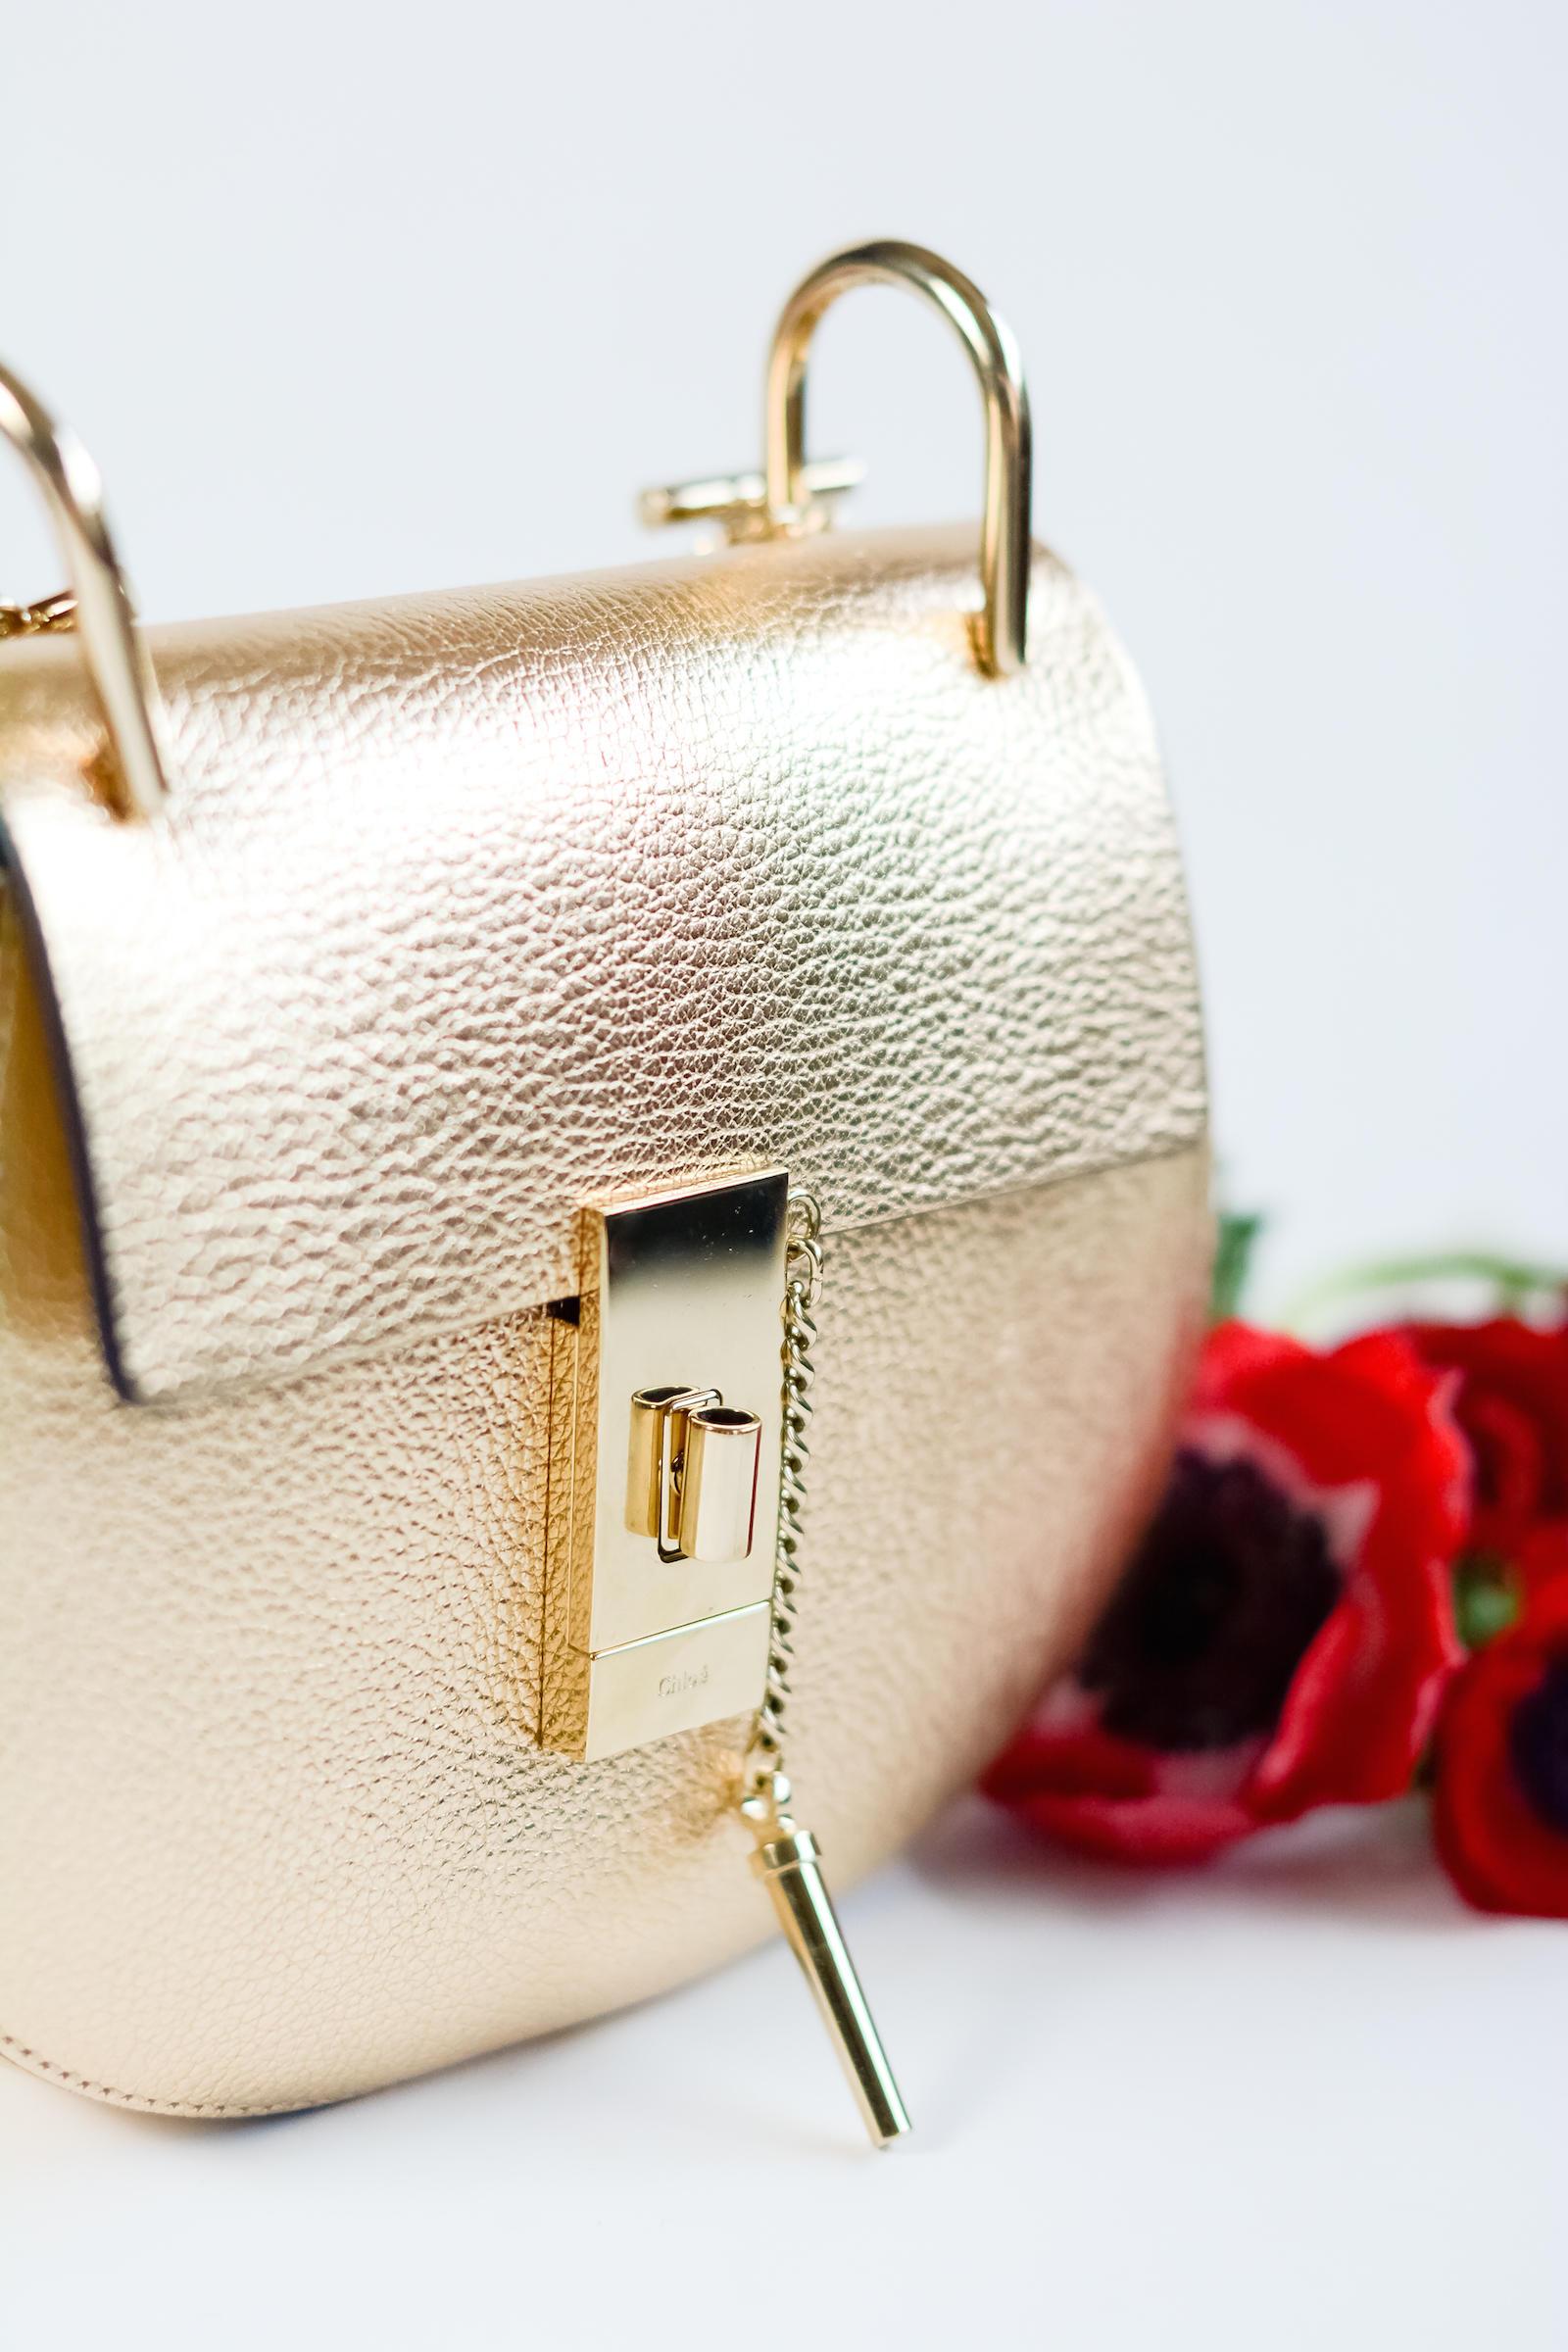 Chloé Drew Mini Bag in Pale Gold